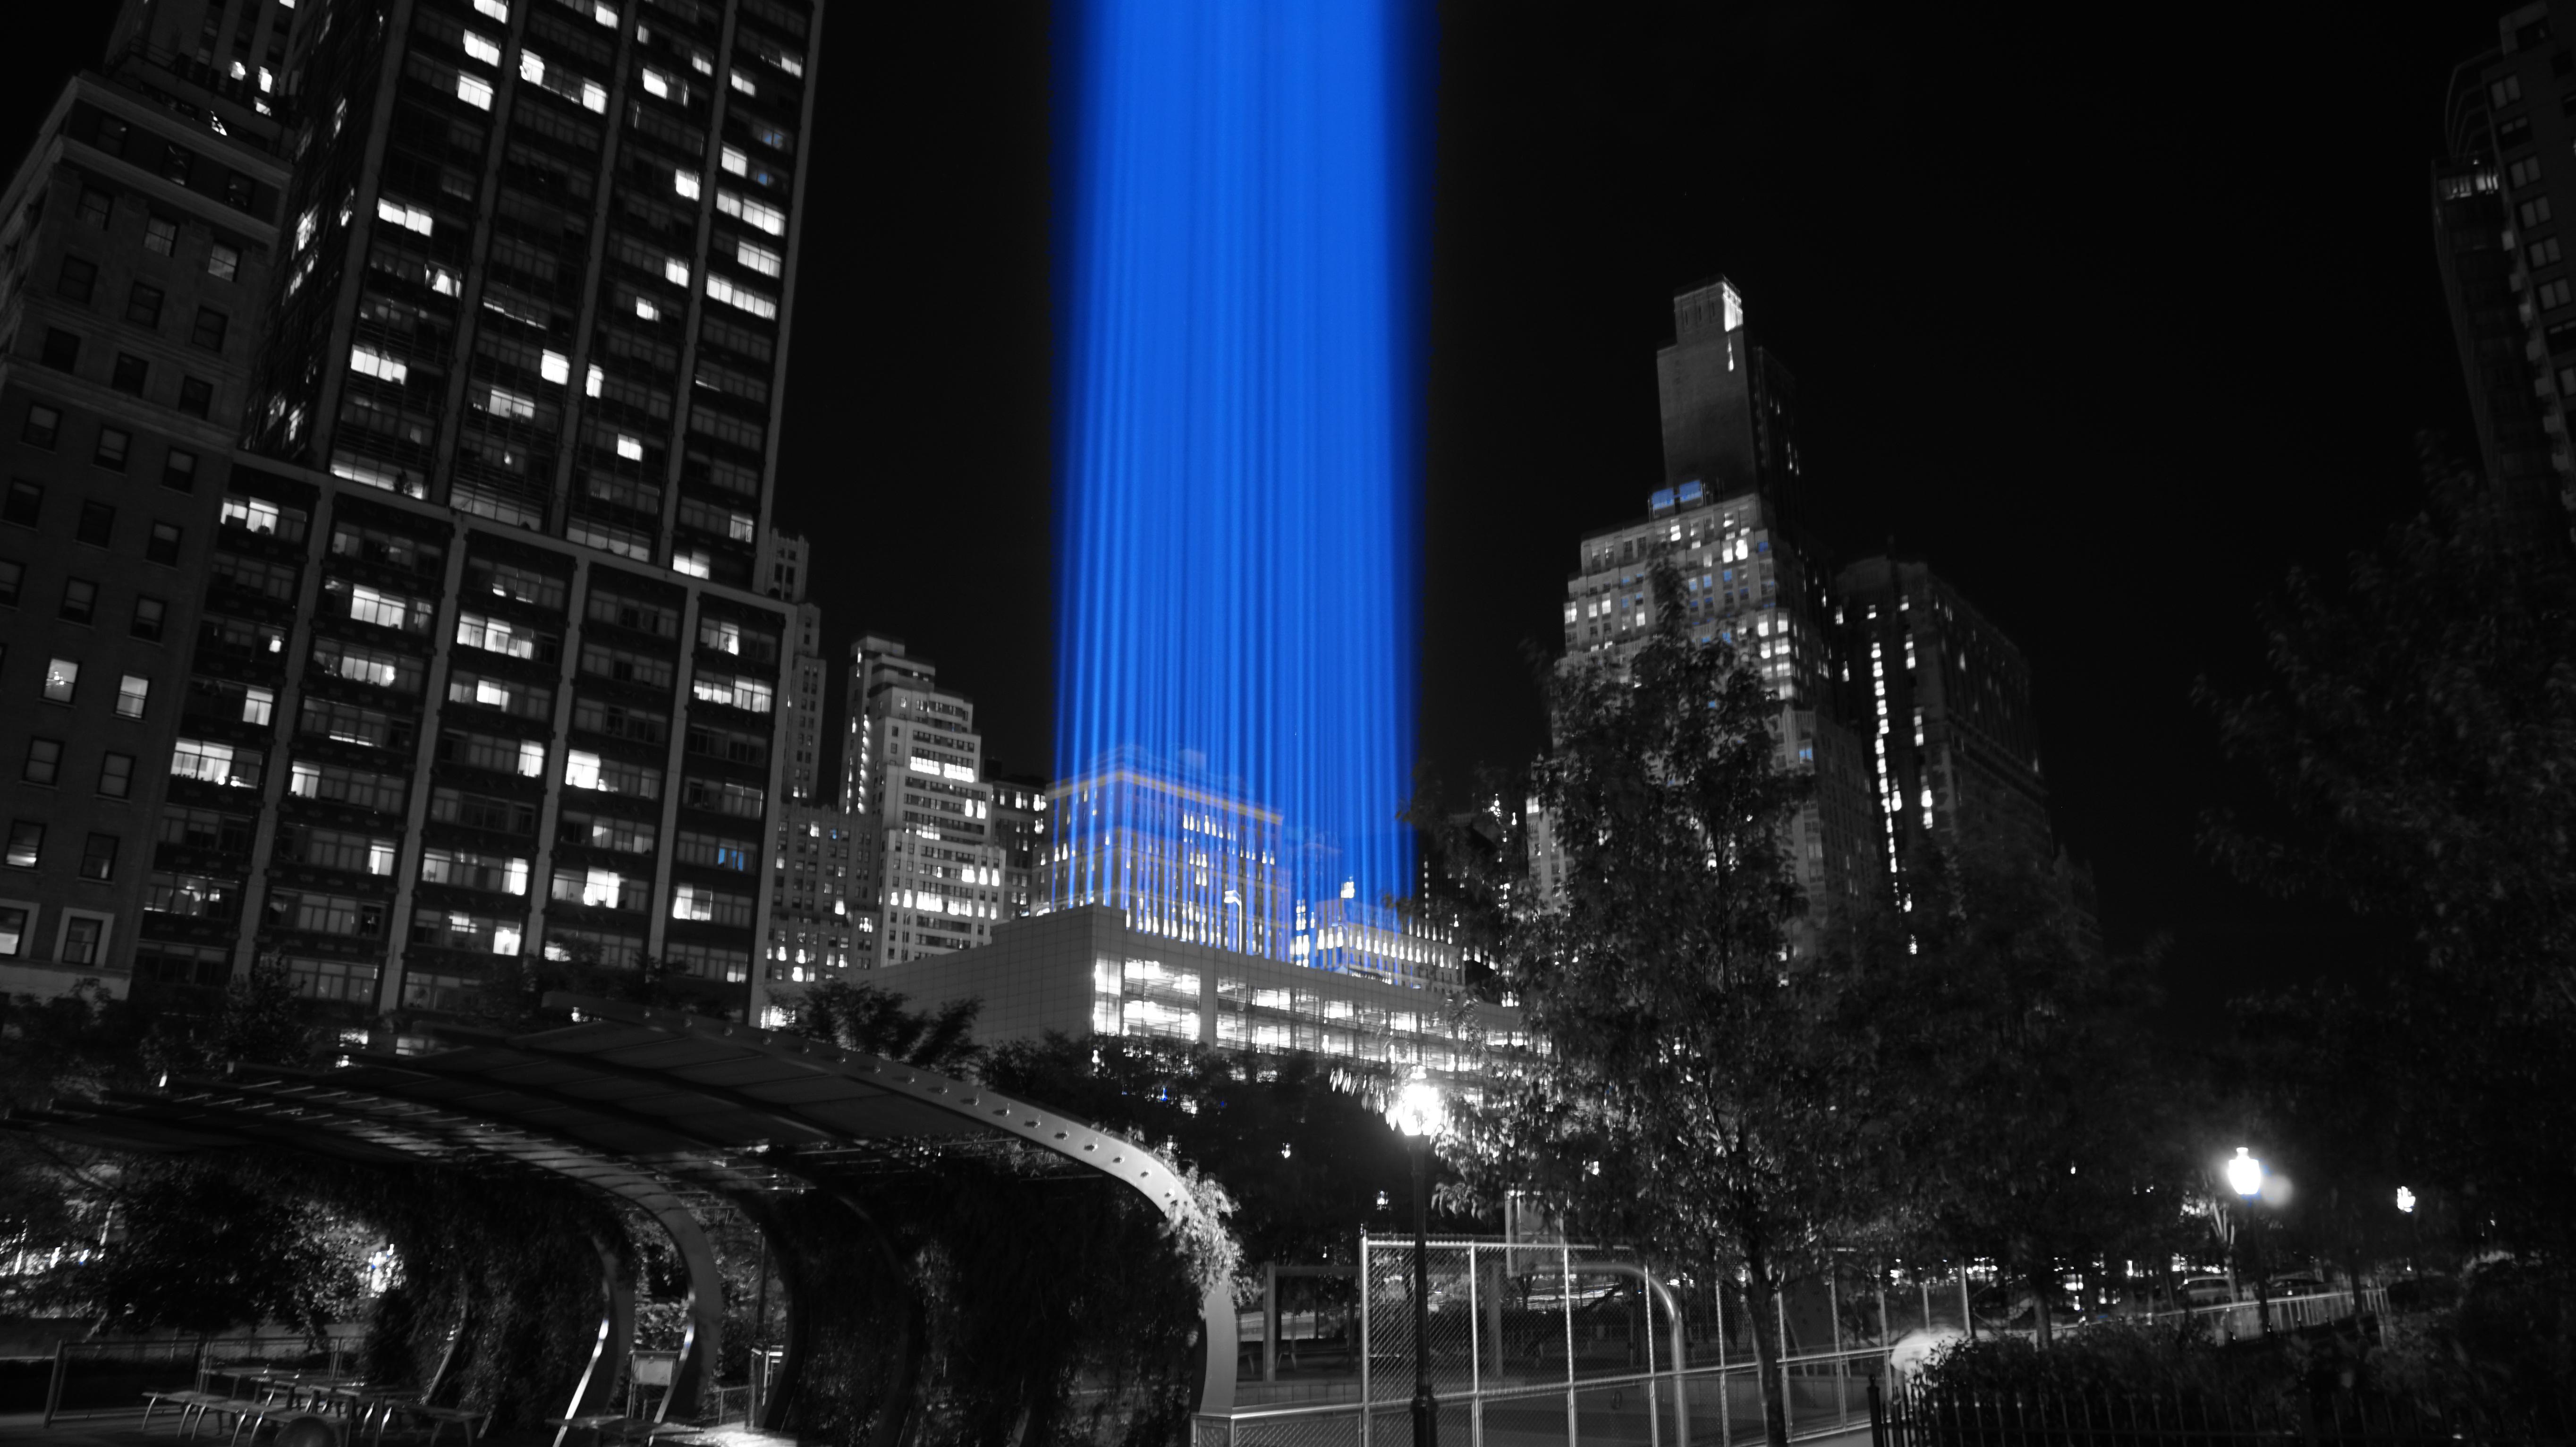 911 spotlights from rector park